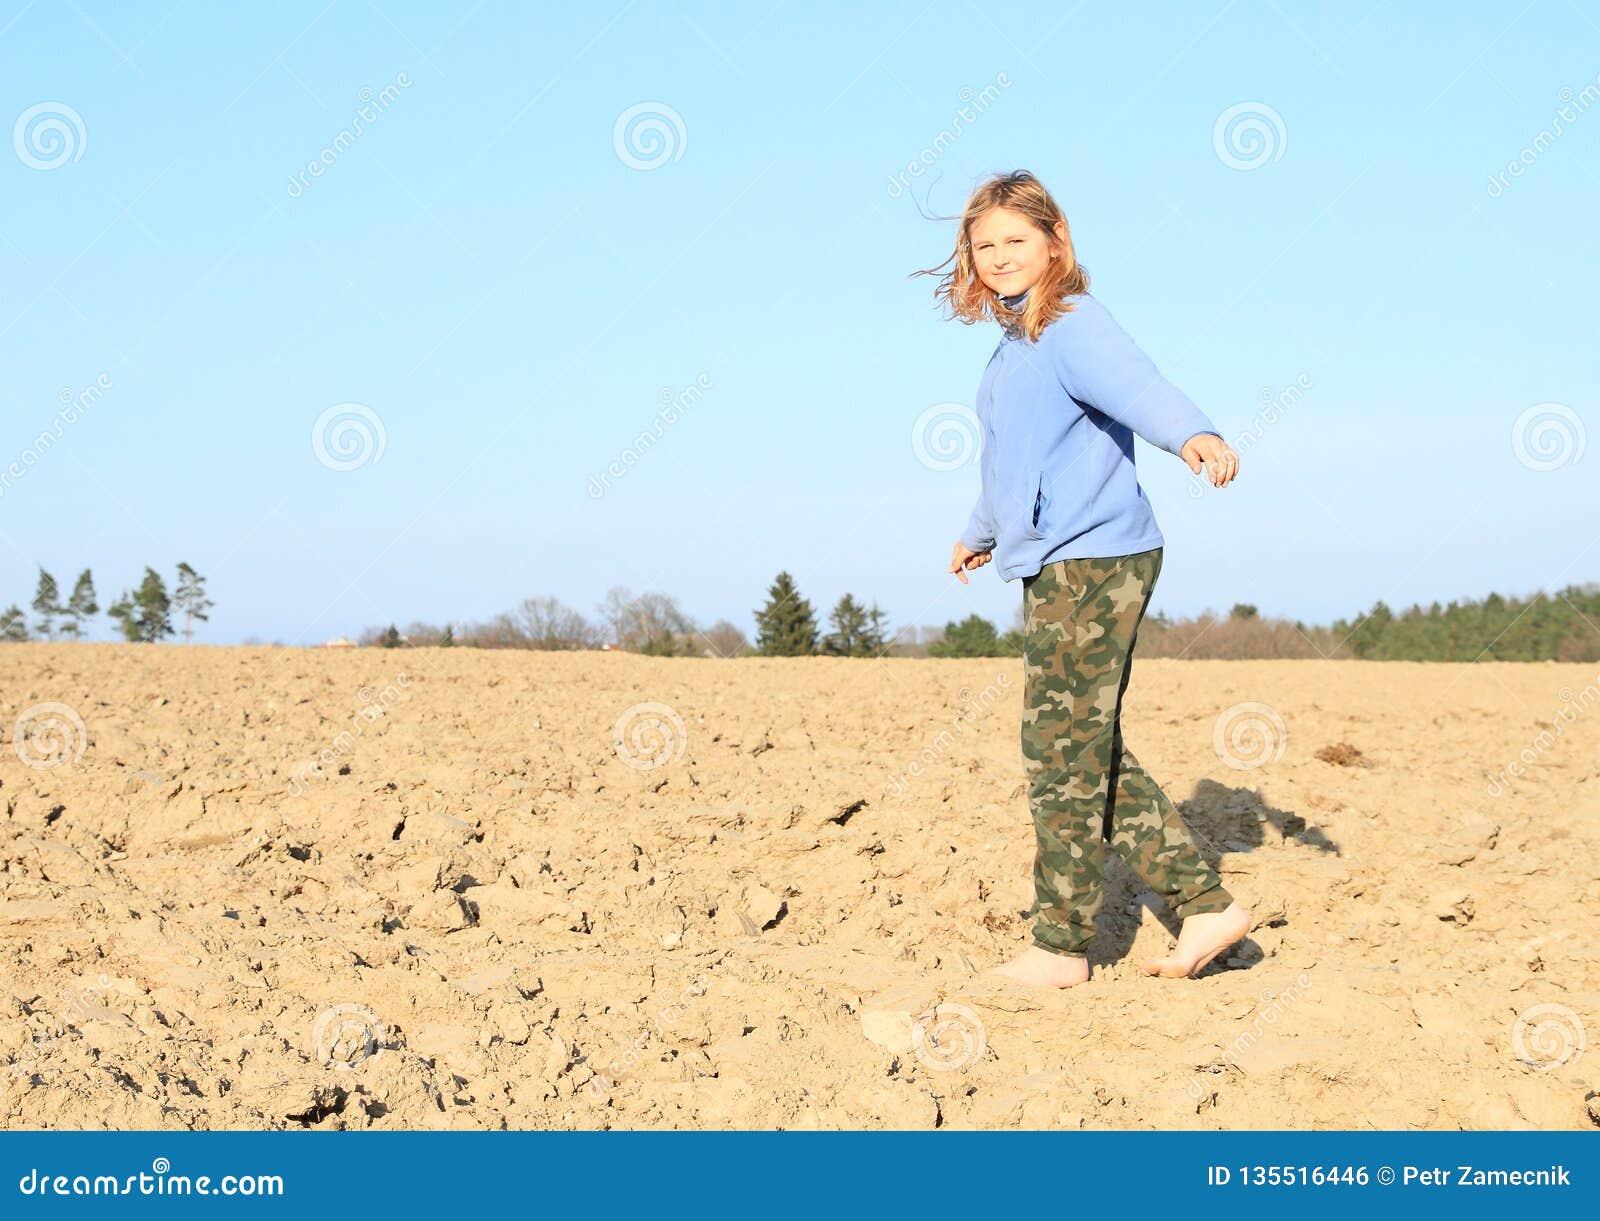 Kid - girl walking on field